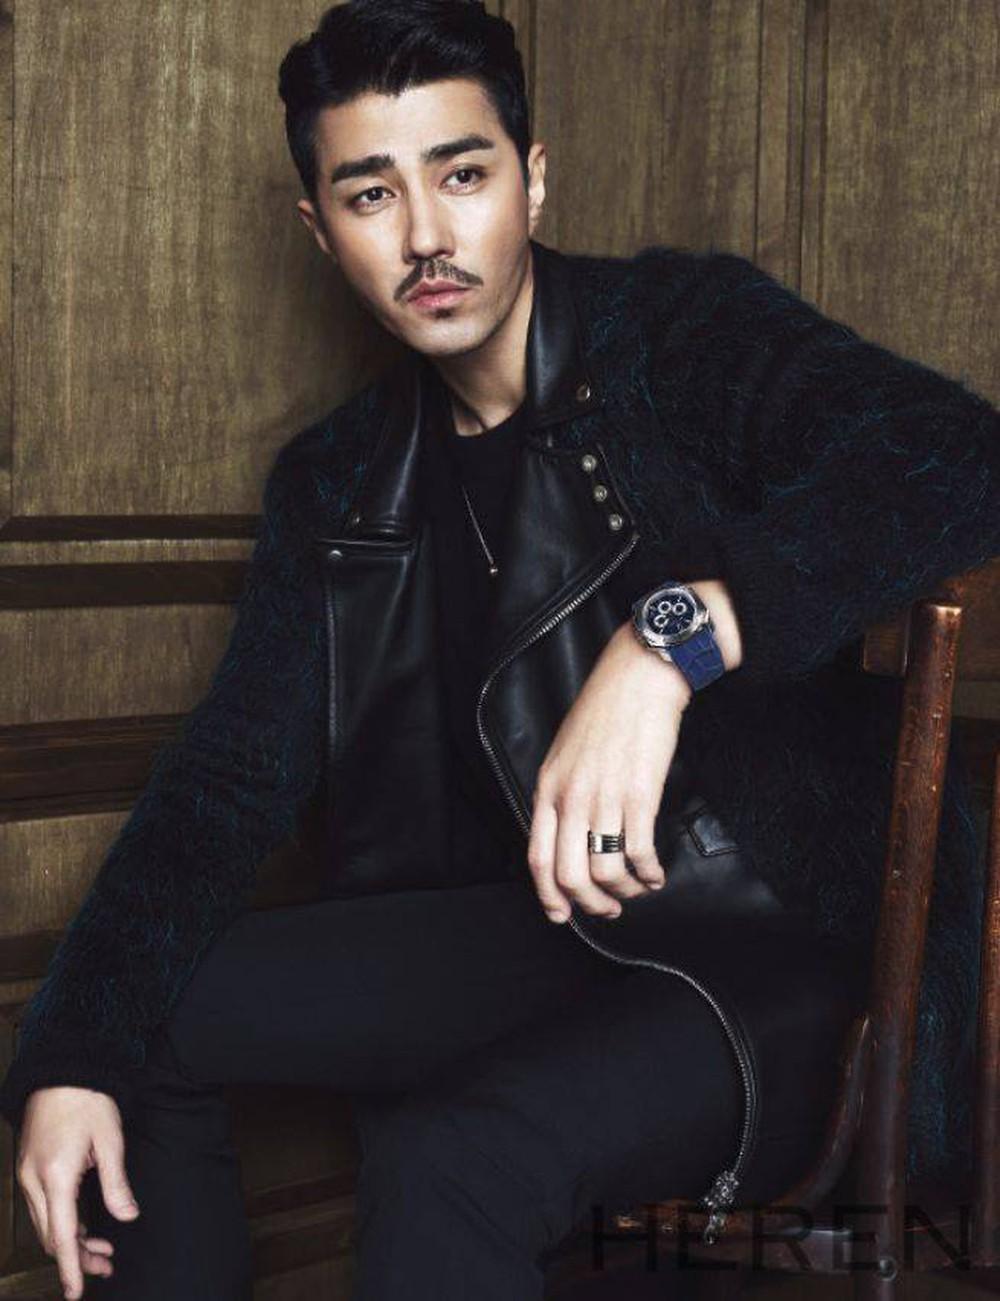 2-cha-seung-won-elleman